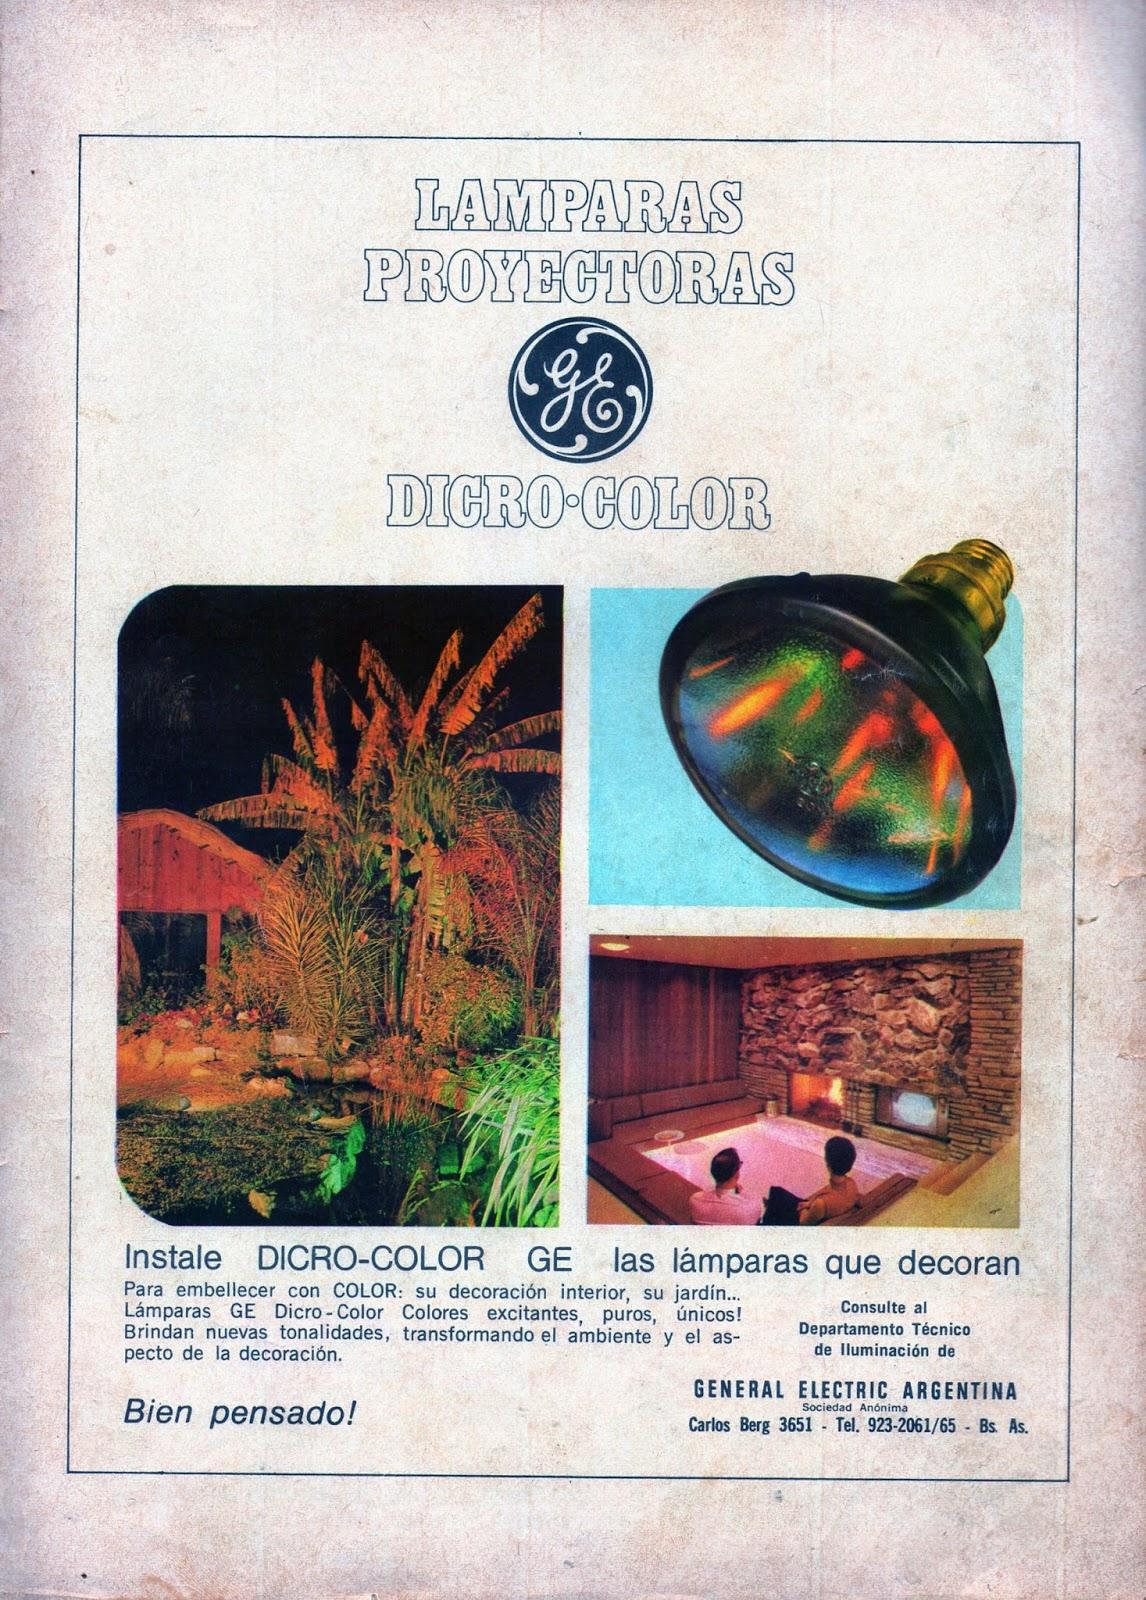 6324df1d8 [Damian Desinano] (1970) Ken Brown es el realismo del sonido (por lo visto  al sonido lo ven bastante cuadrado)